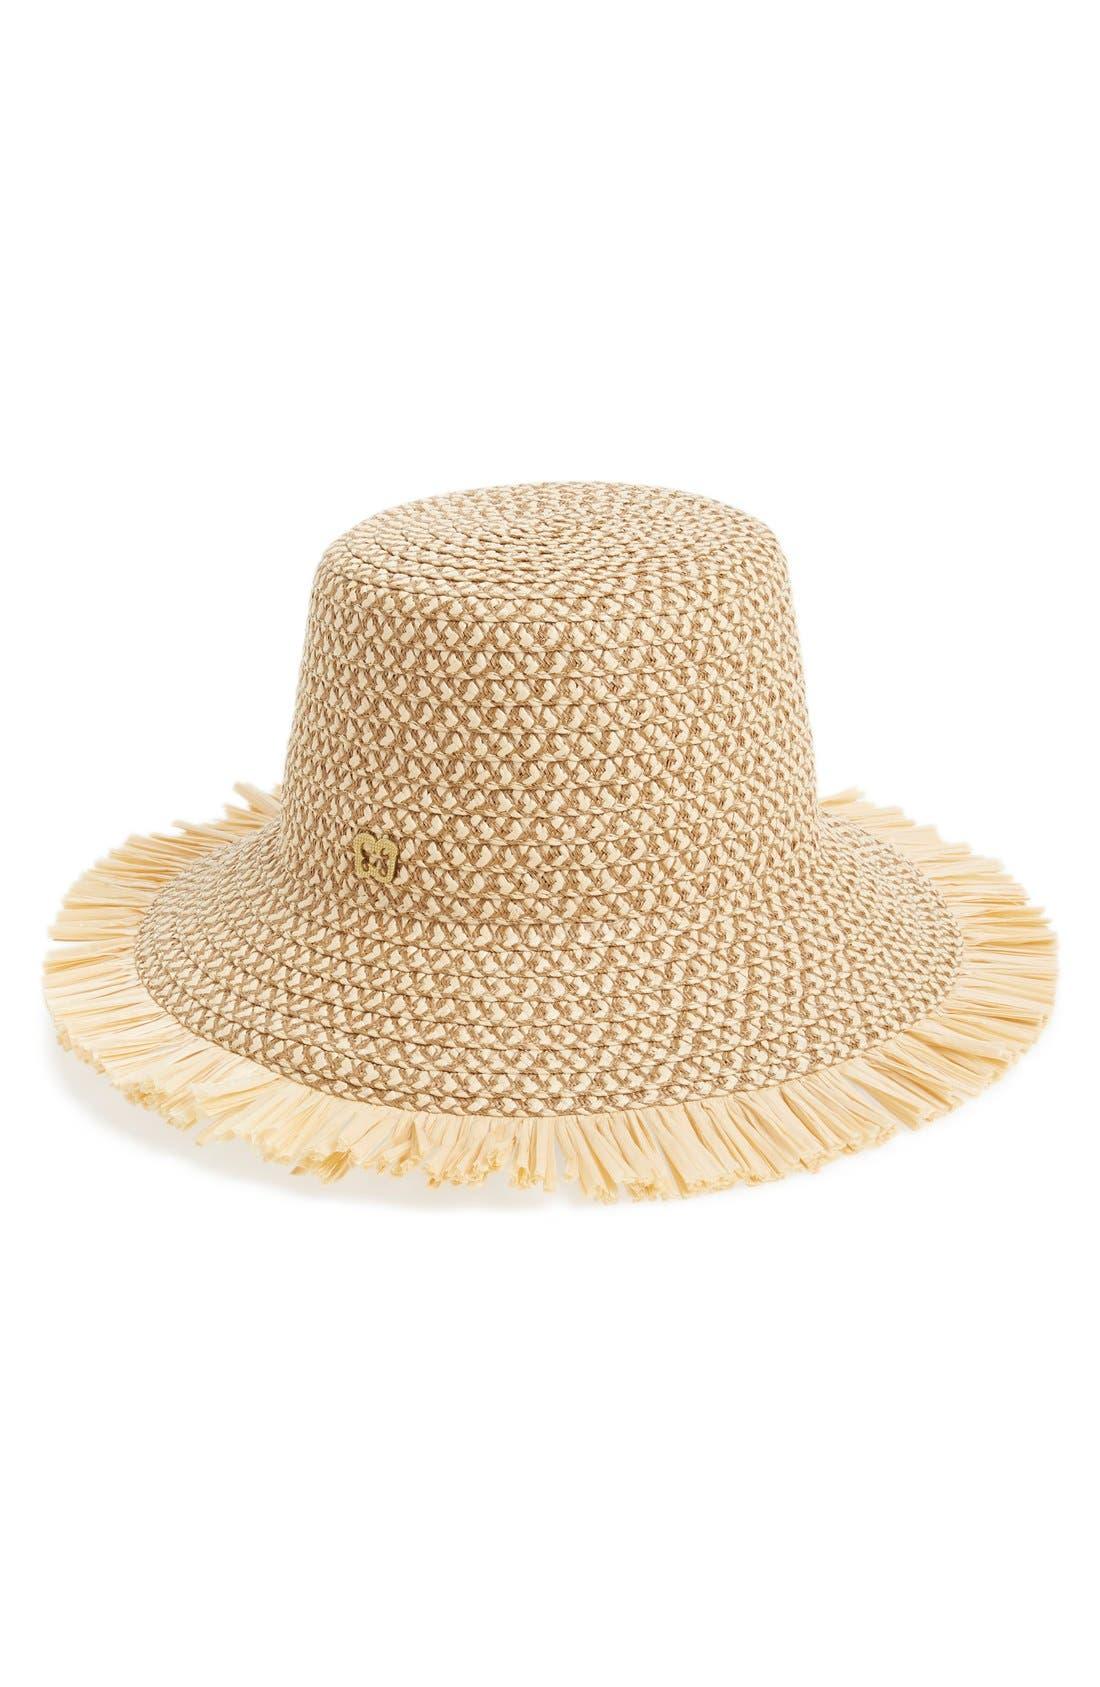 'TIKI' BUCKET HAT - BEIGE